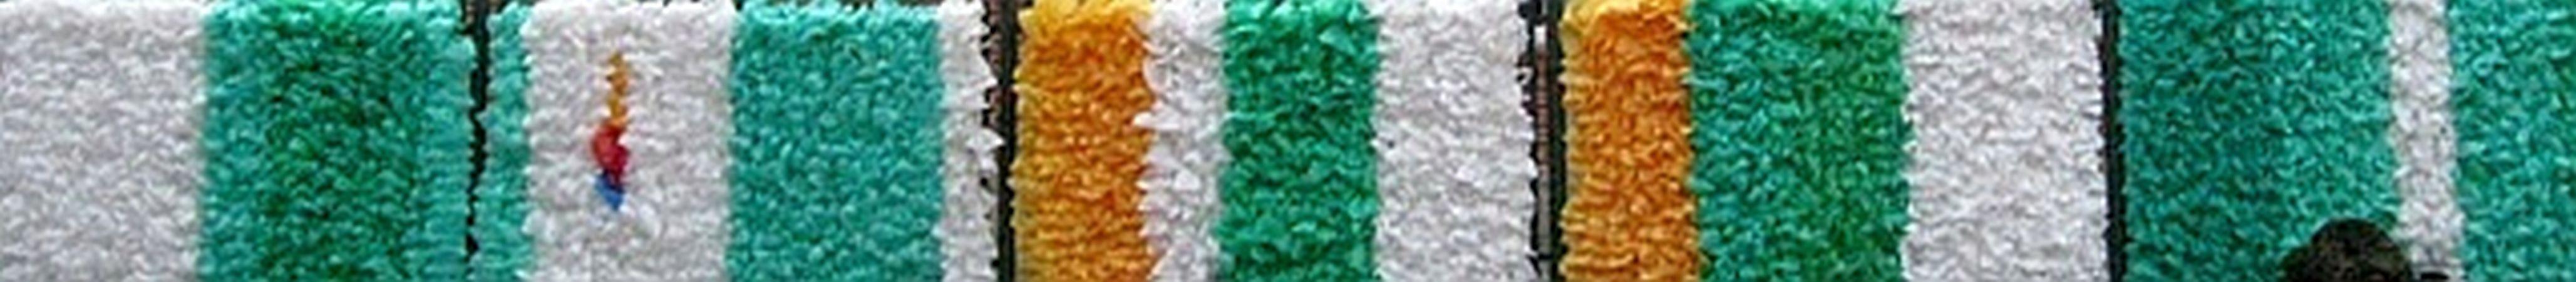 Plastikwand oder eine Plastik, Walburga Schild-Griesbeck (9)